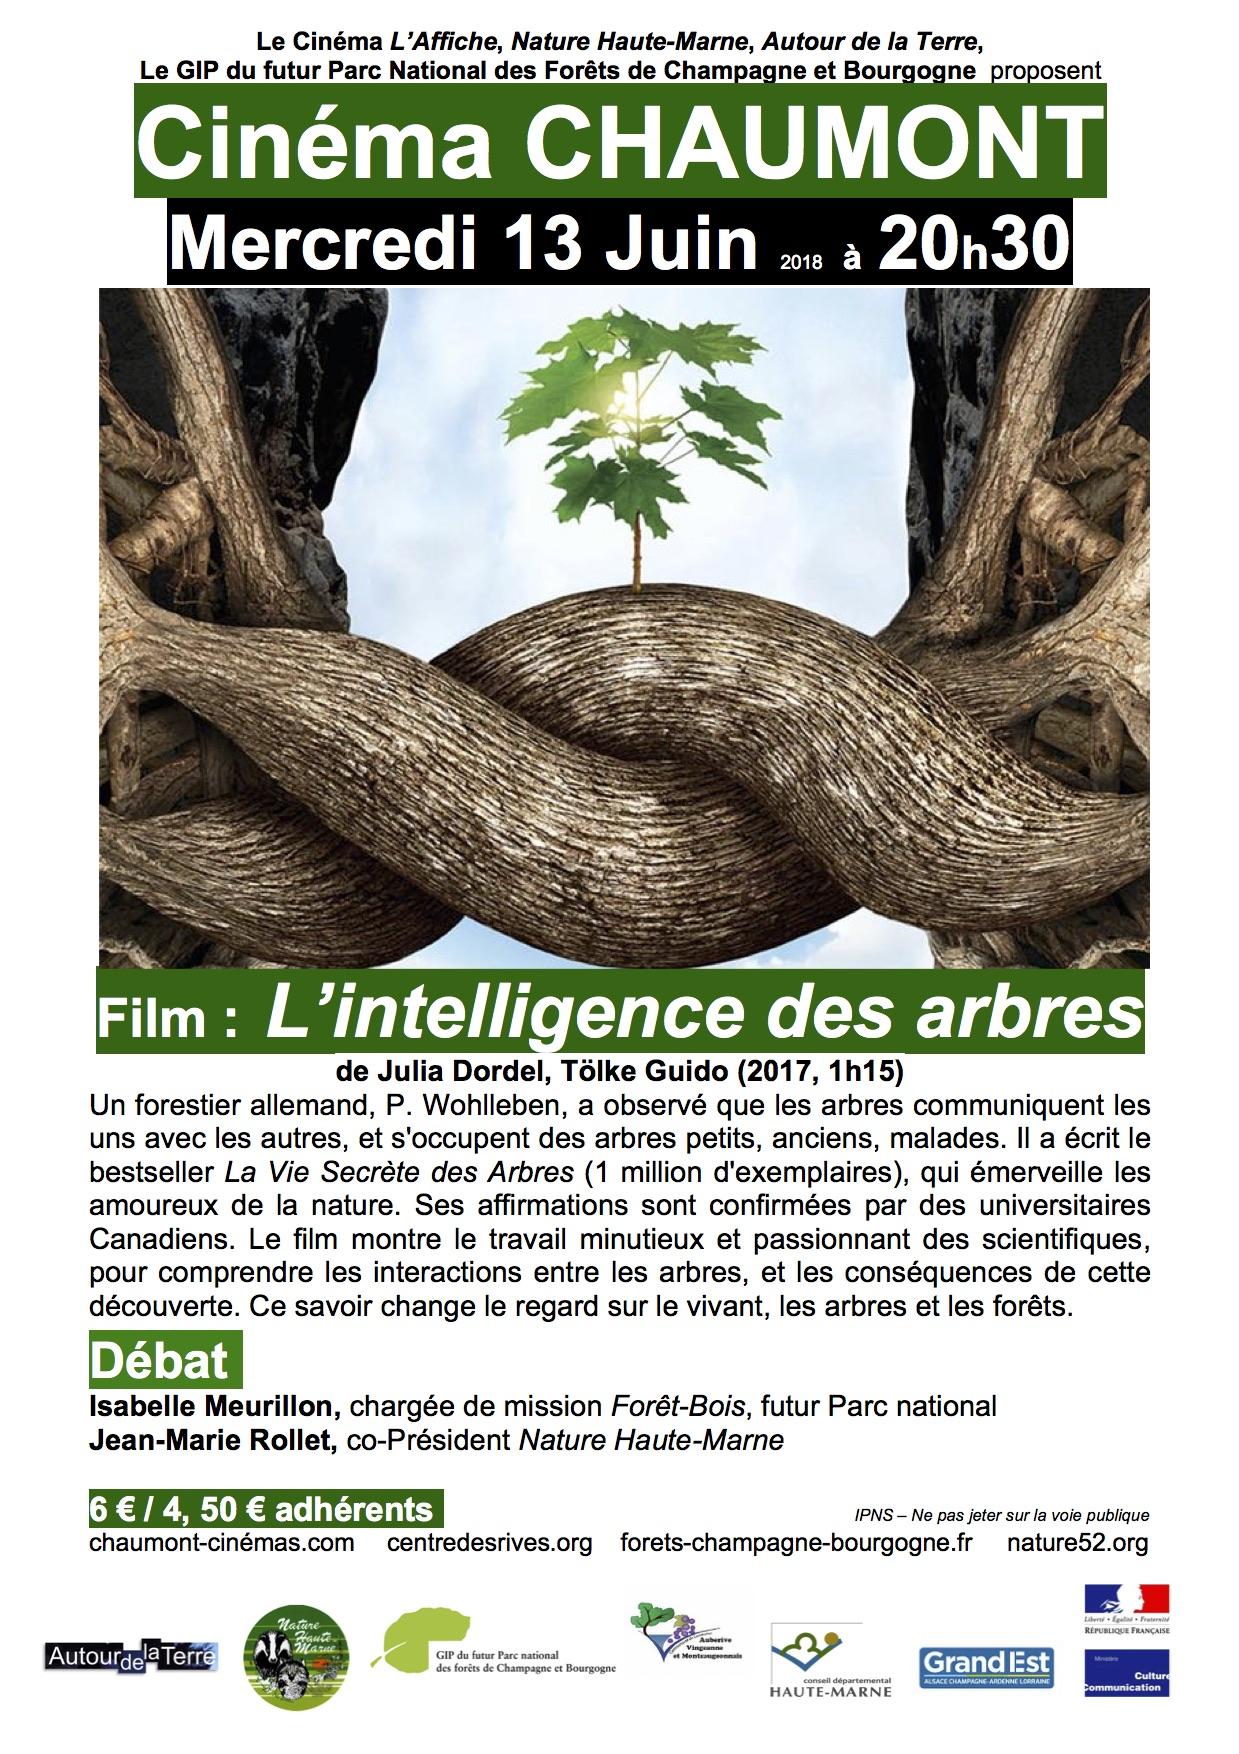 arbres_chaumont_couleur_2018